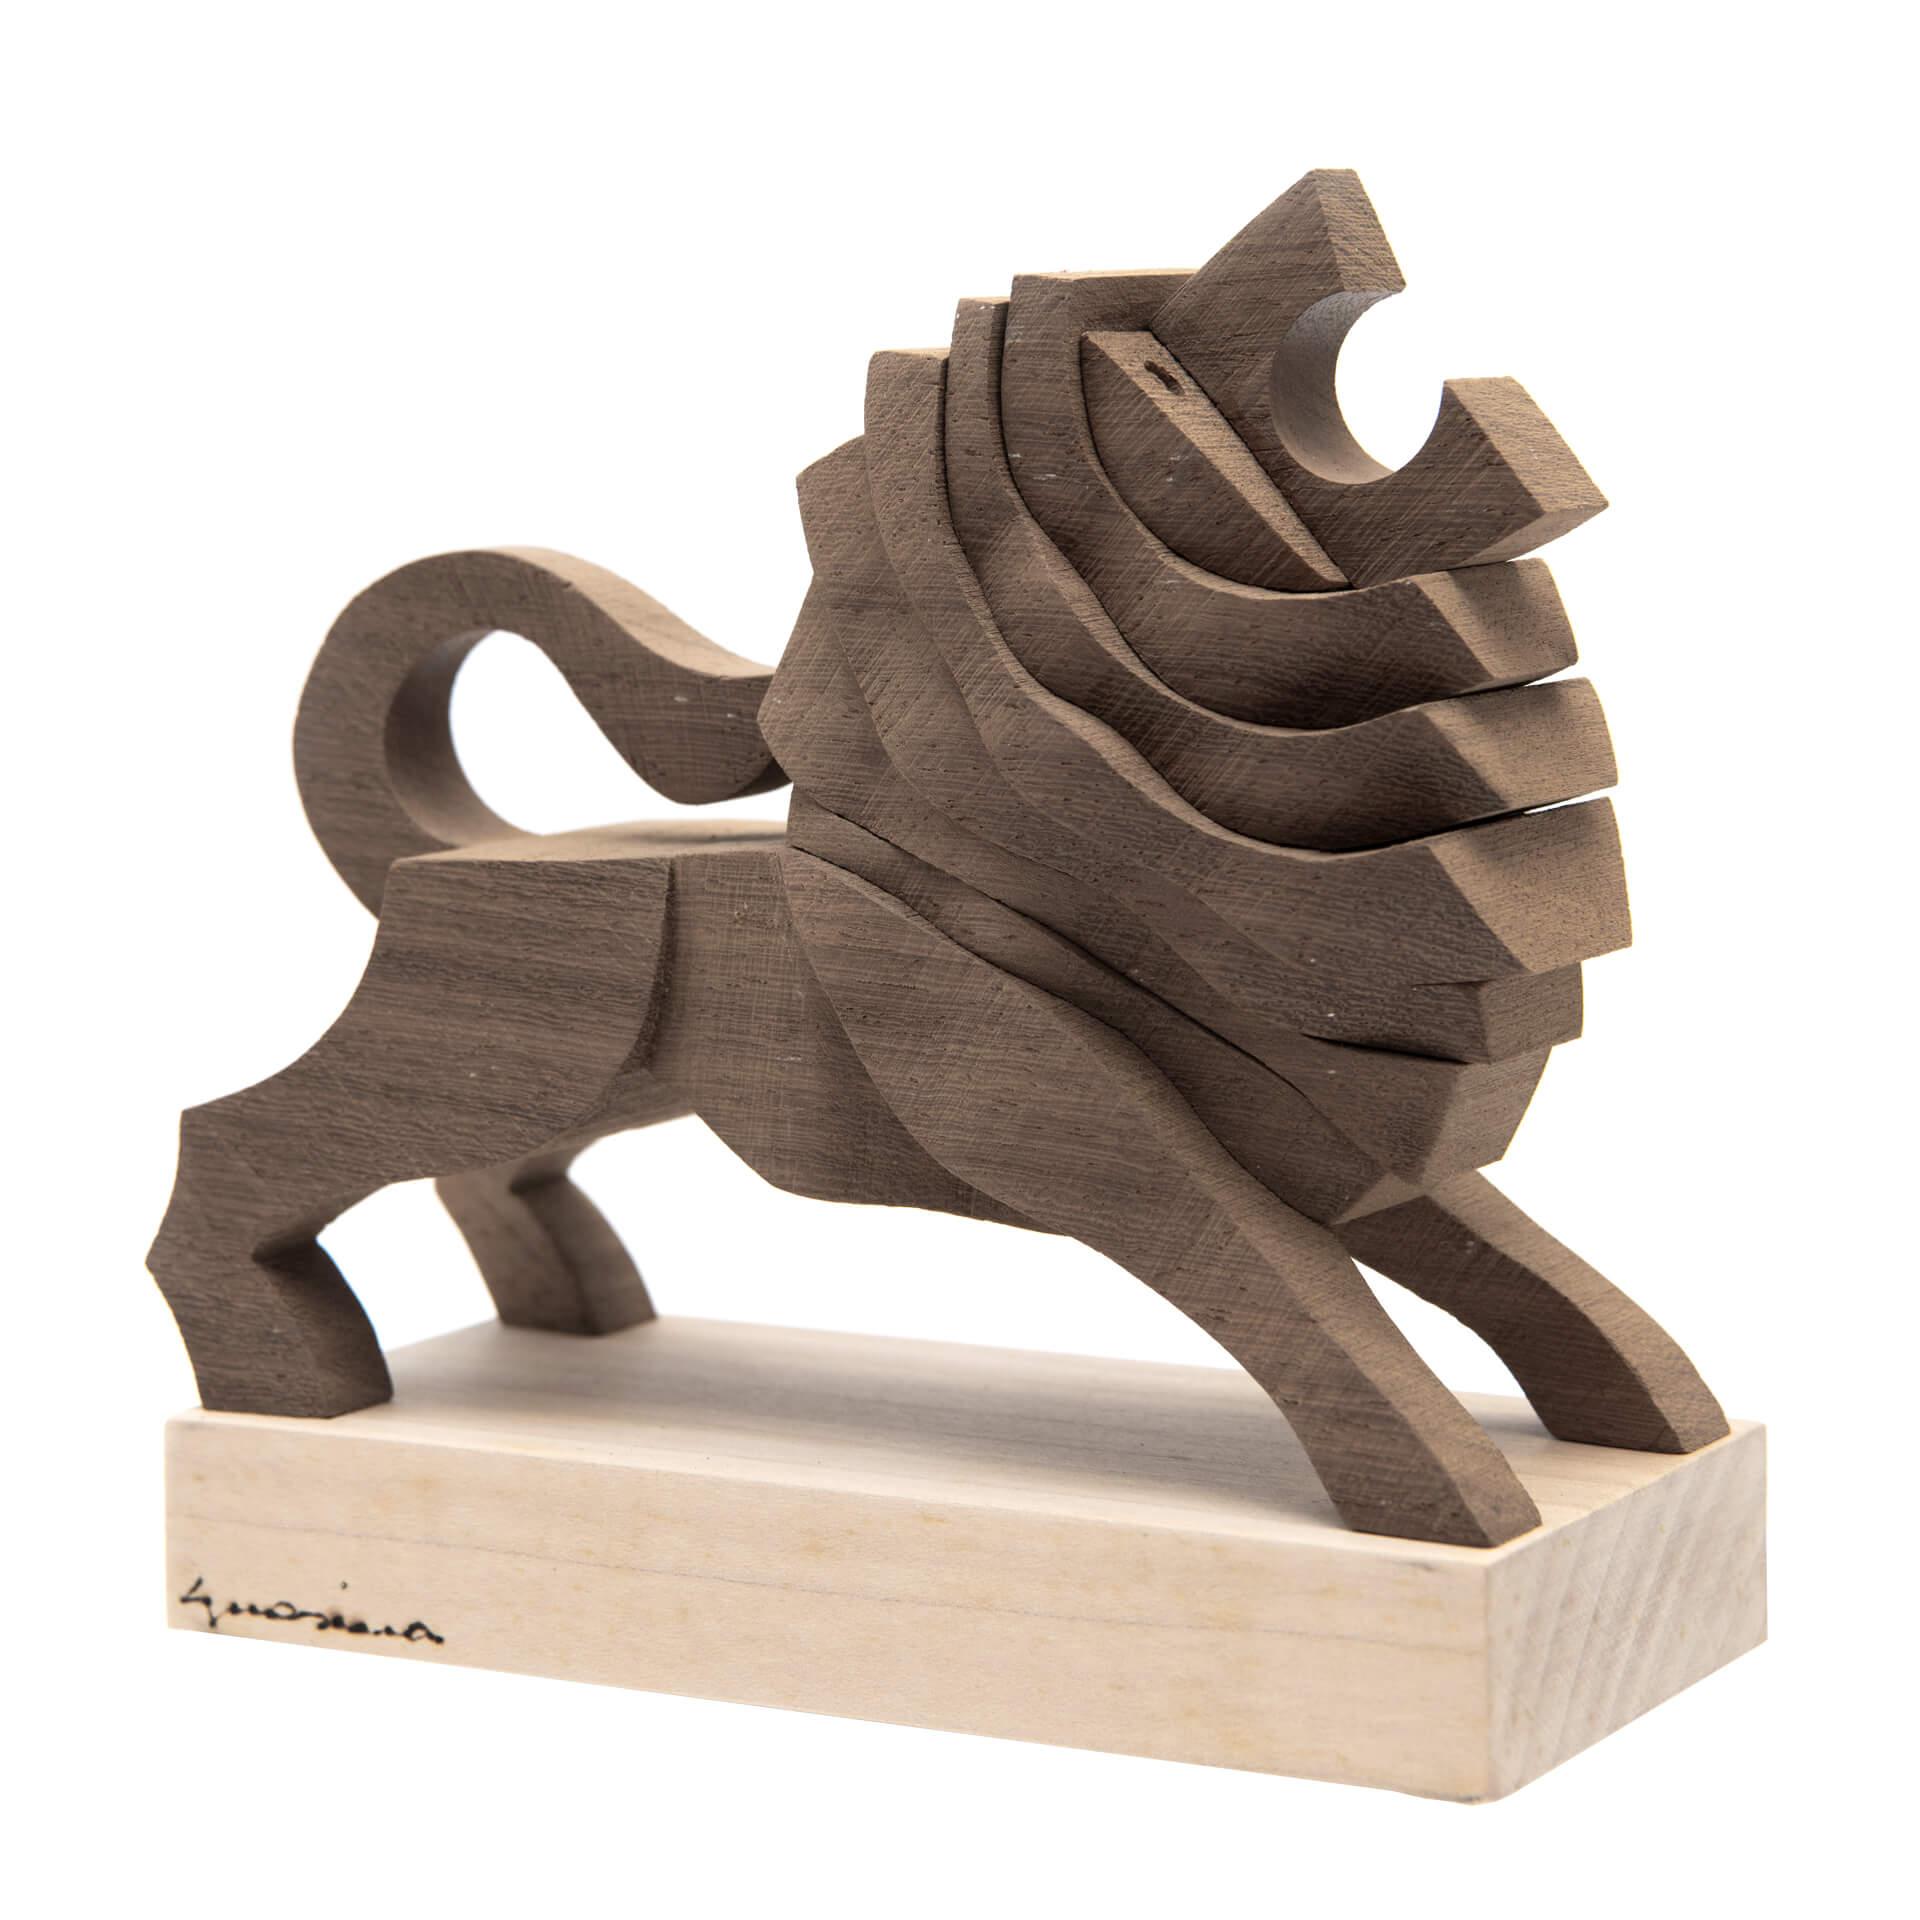 Scultura in legno Leone - Dimensione media 17 x 8 x 16 cm (b x p x h)